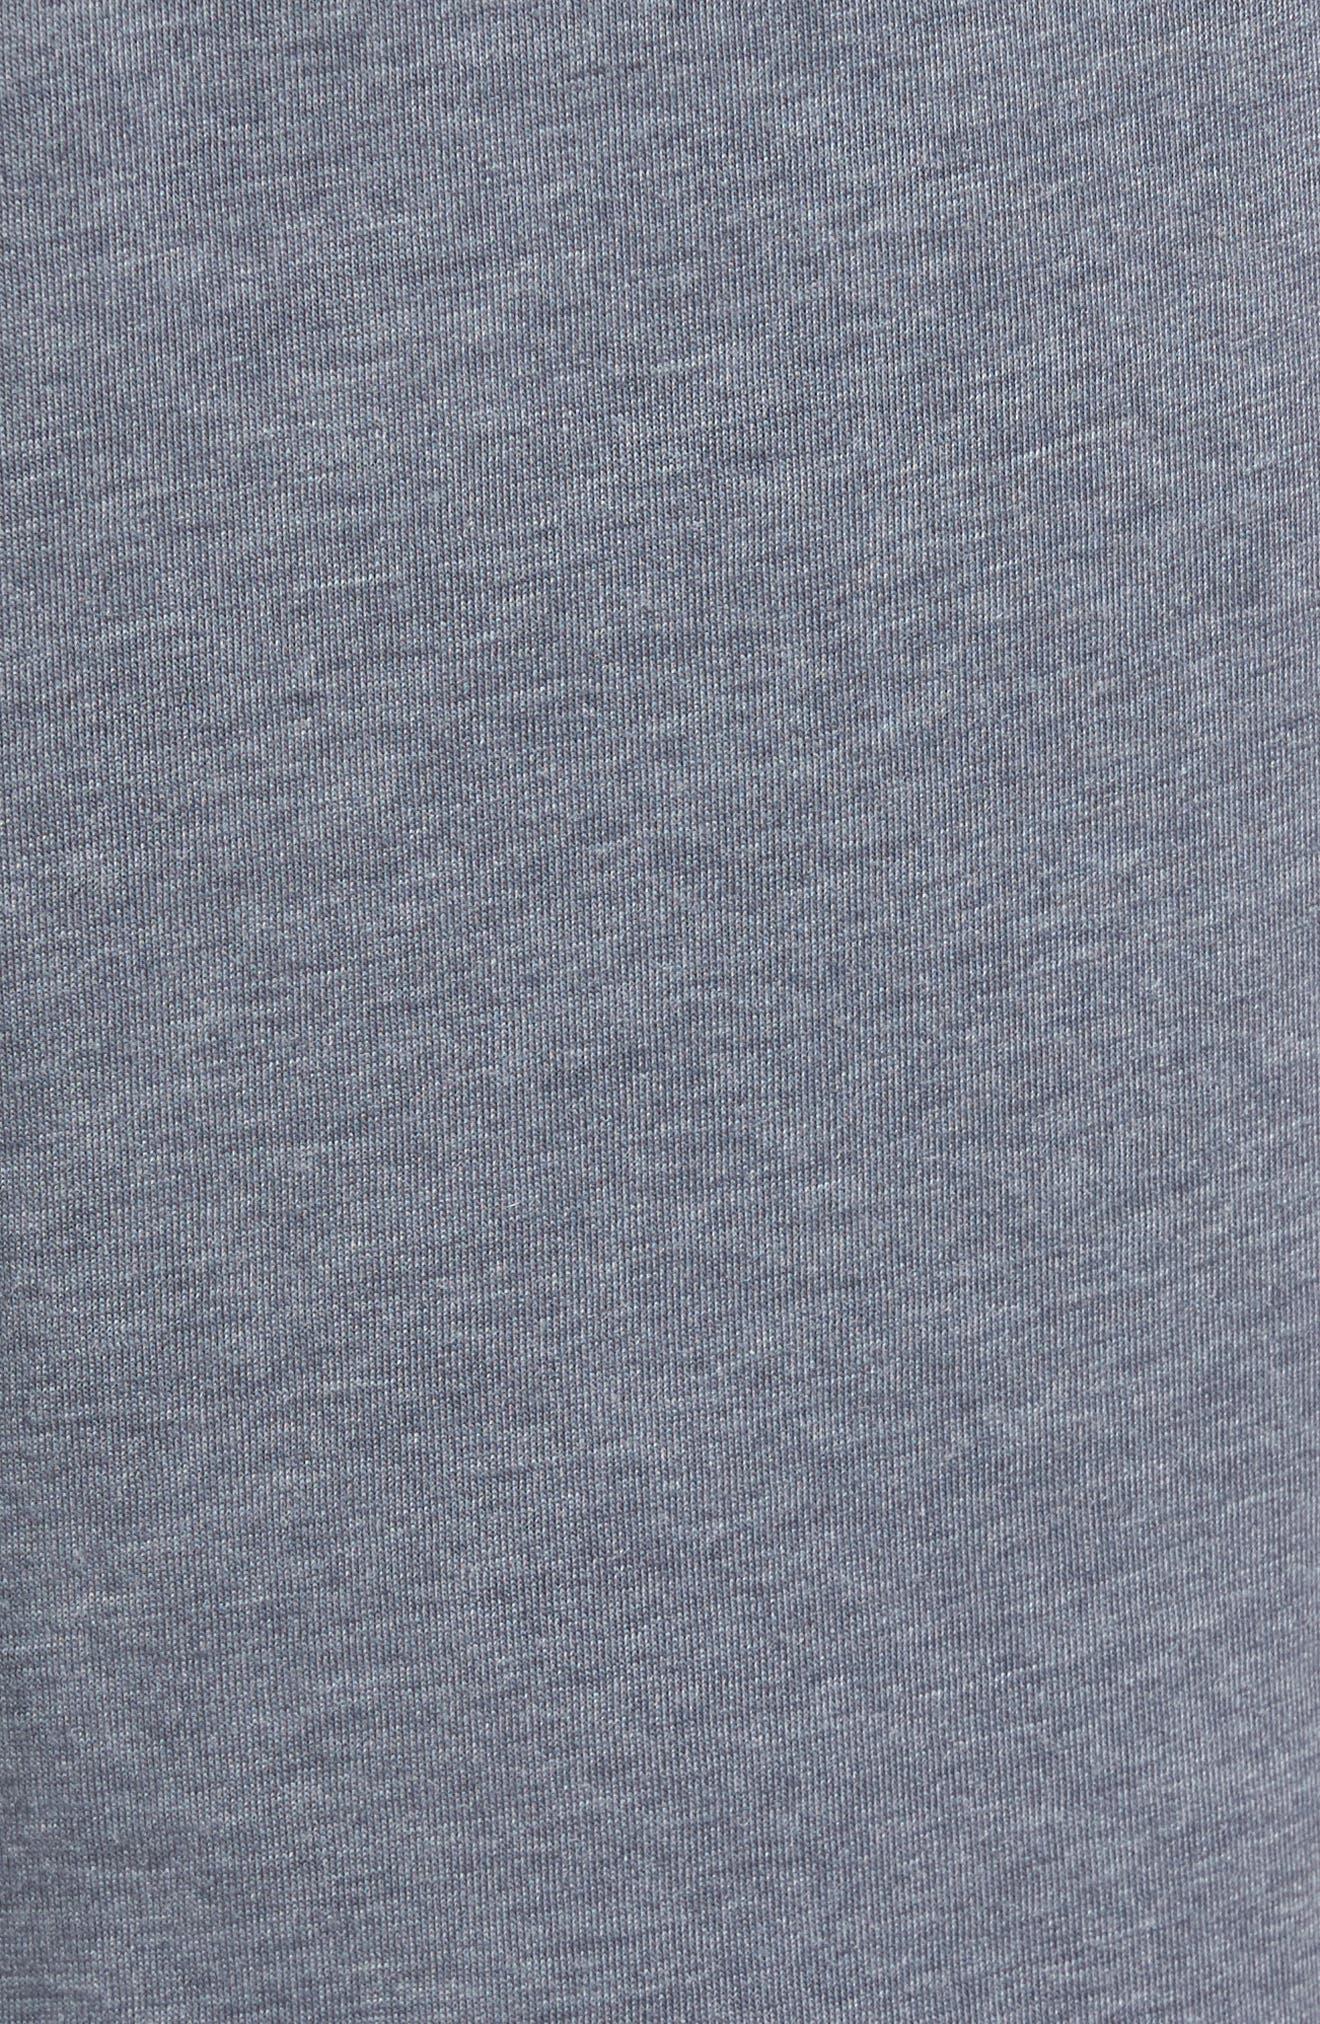 Burnout Lounge Shorts,                             Alternate thumbnail 5, color,                             Charcoal